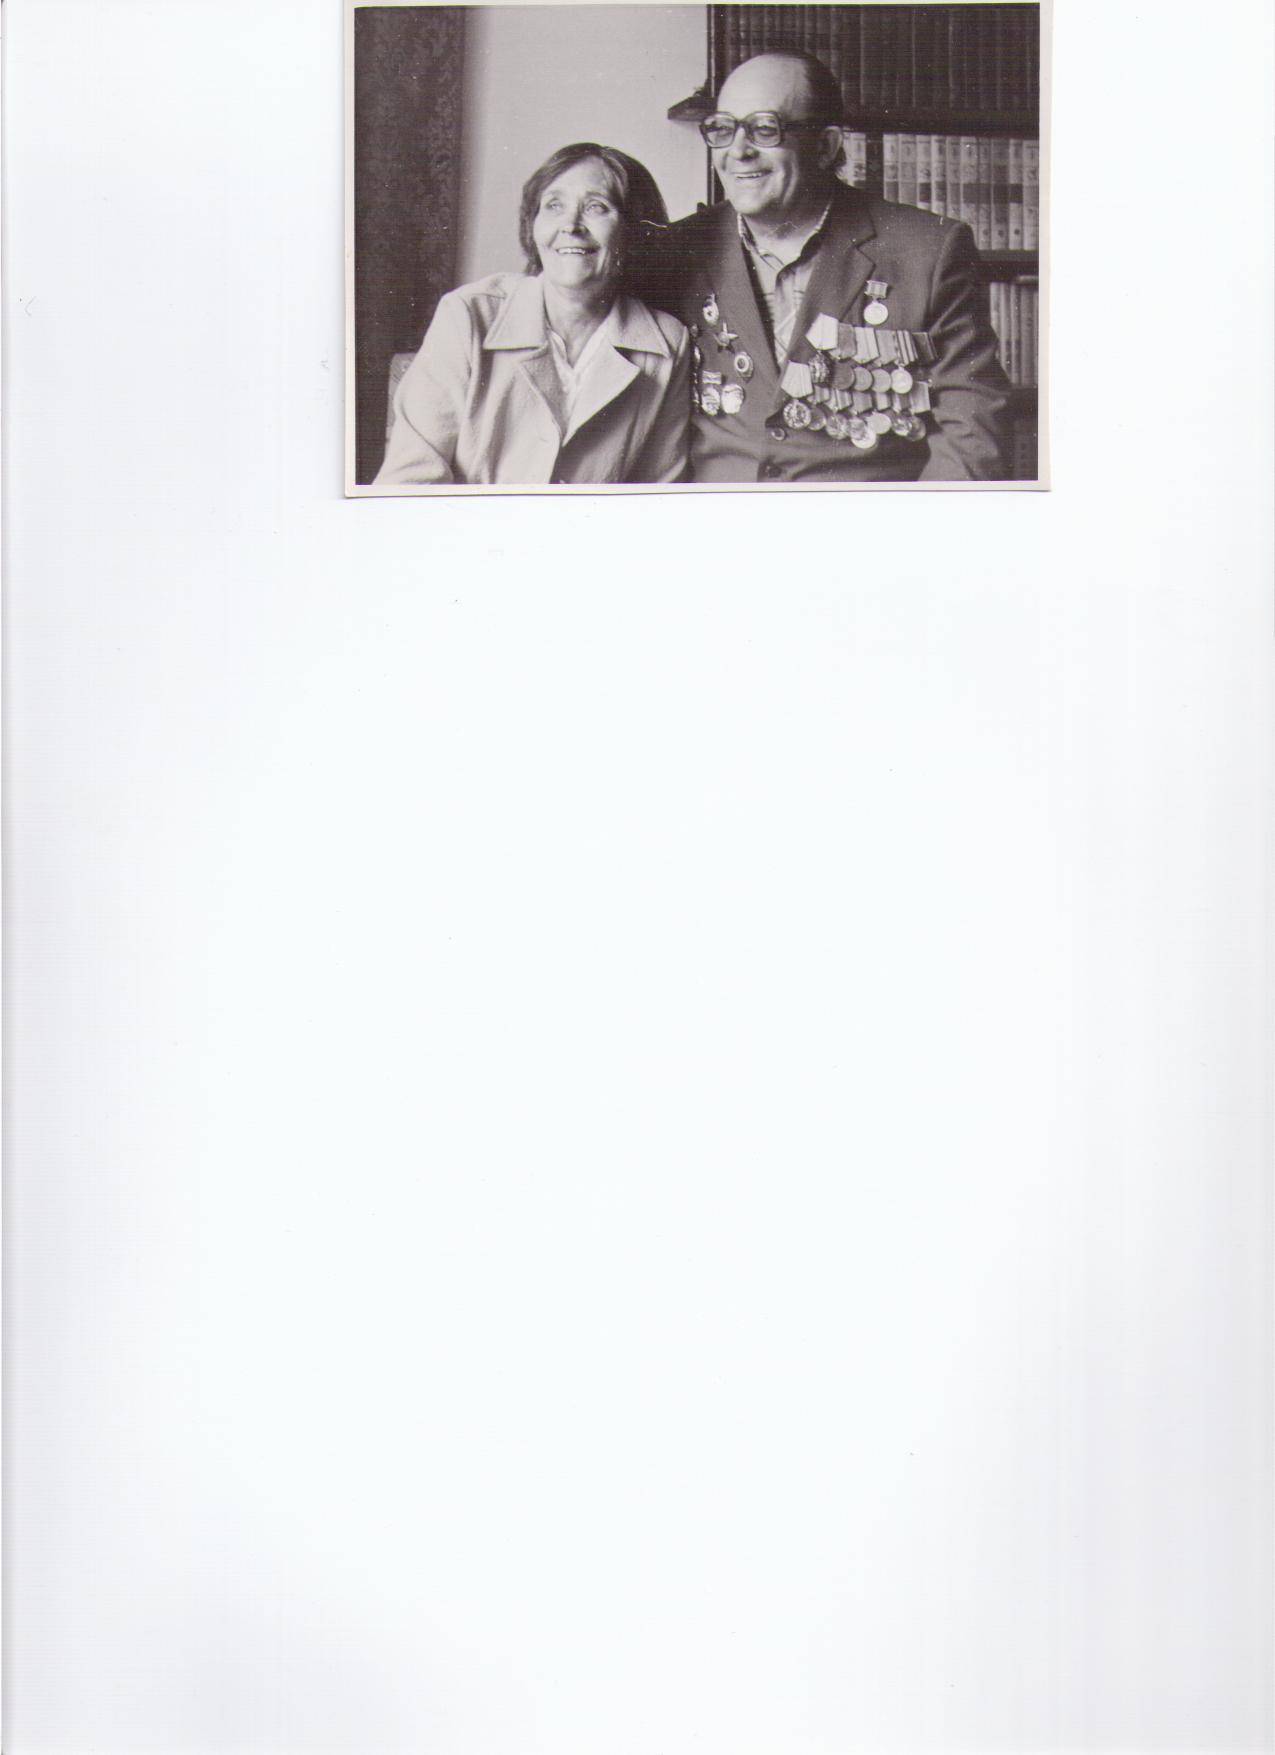 C:\Users\Администратор\Desktop\песни о войне\Бессмертный батальон\Тухтаров С\Тухтаров Сергей Карымович15 июня 1924г\Изображение.jpg